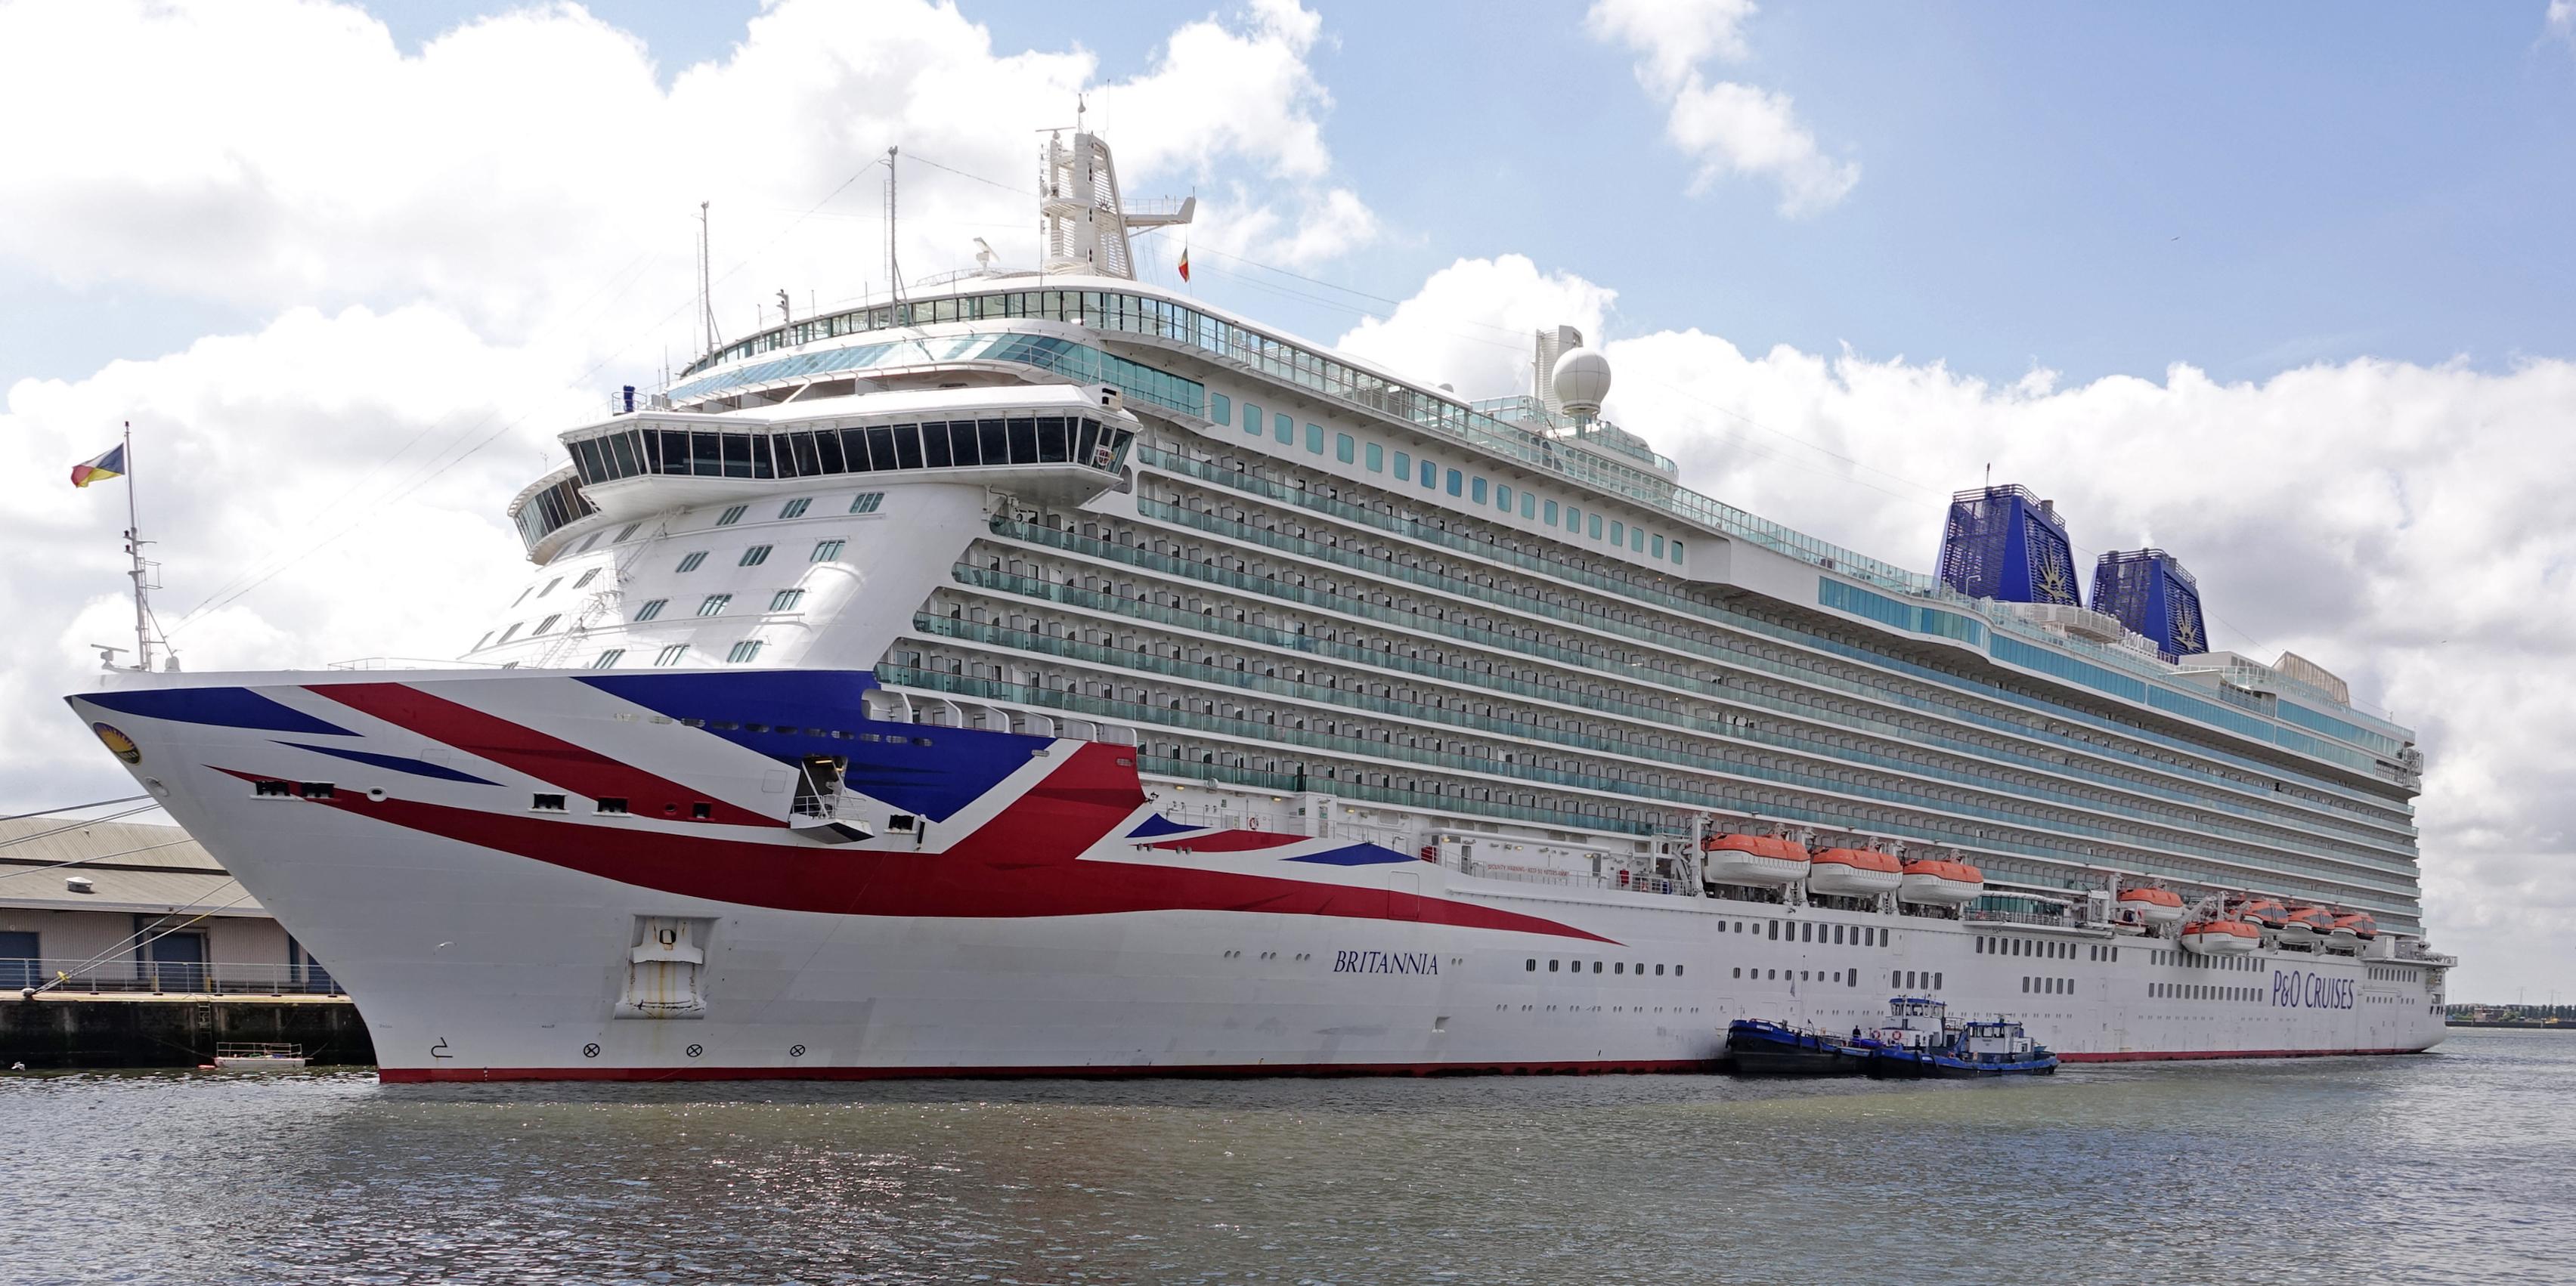 MV Britannia (2015) - Wikipedia